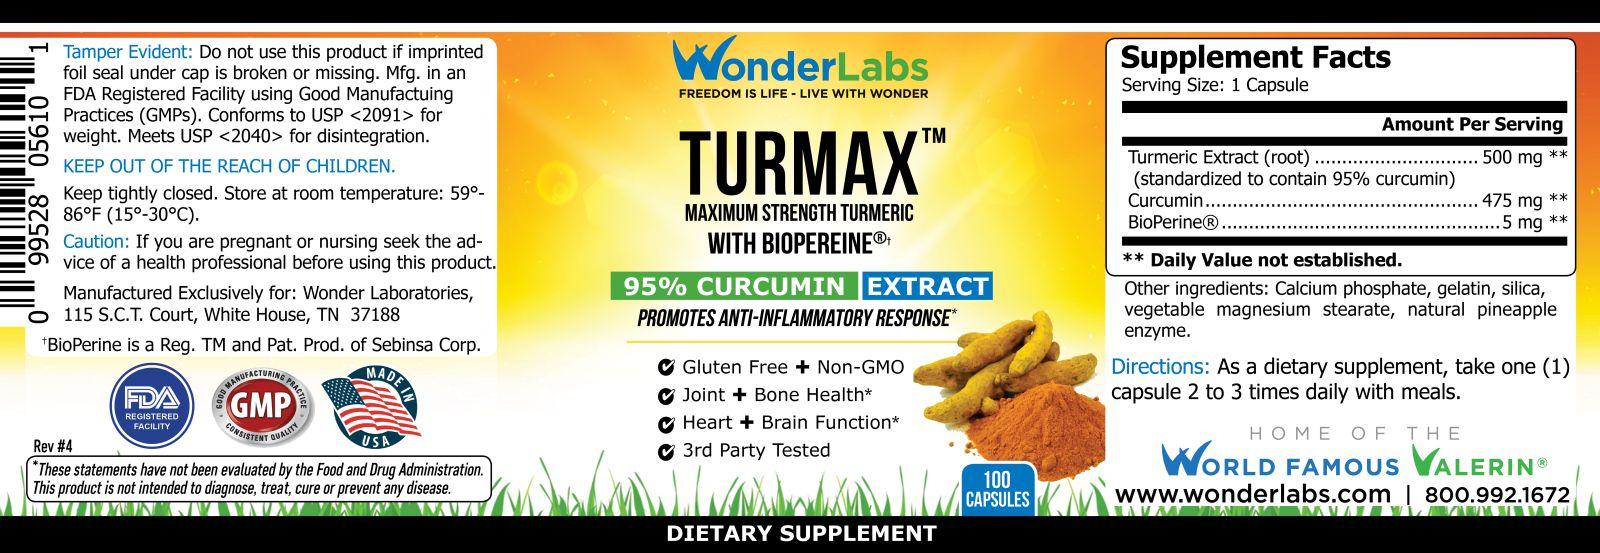 Turmax Product Label Item#0563